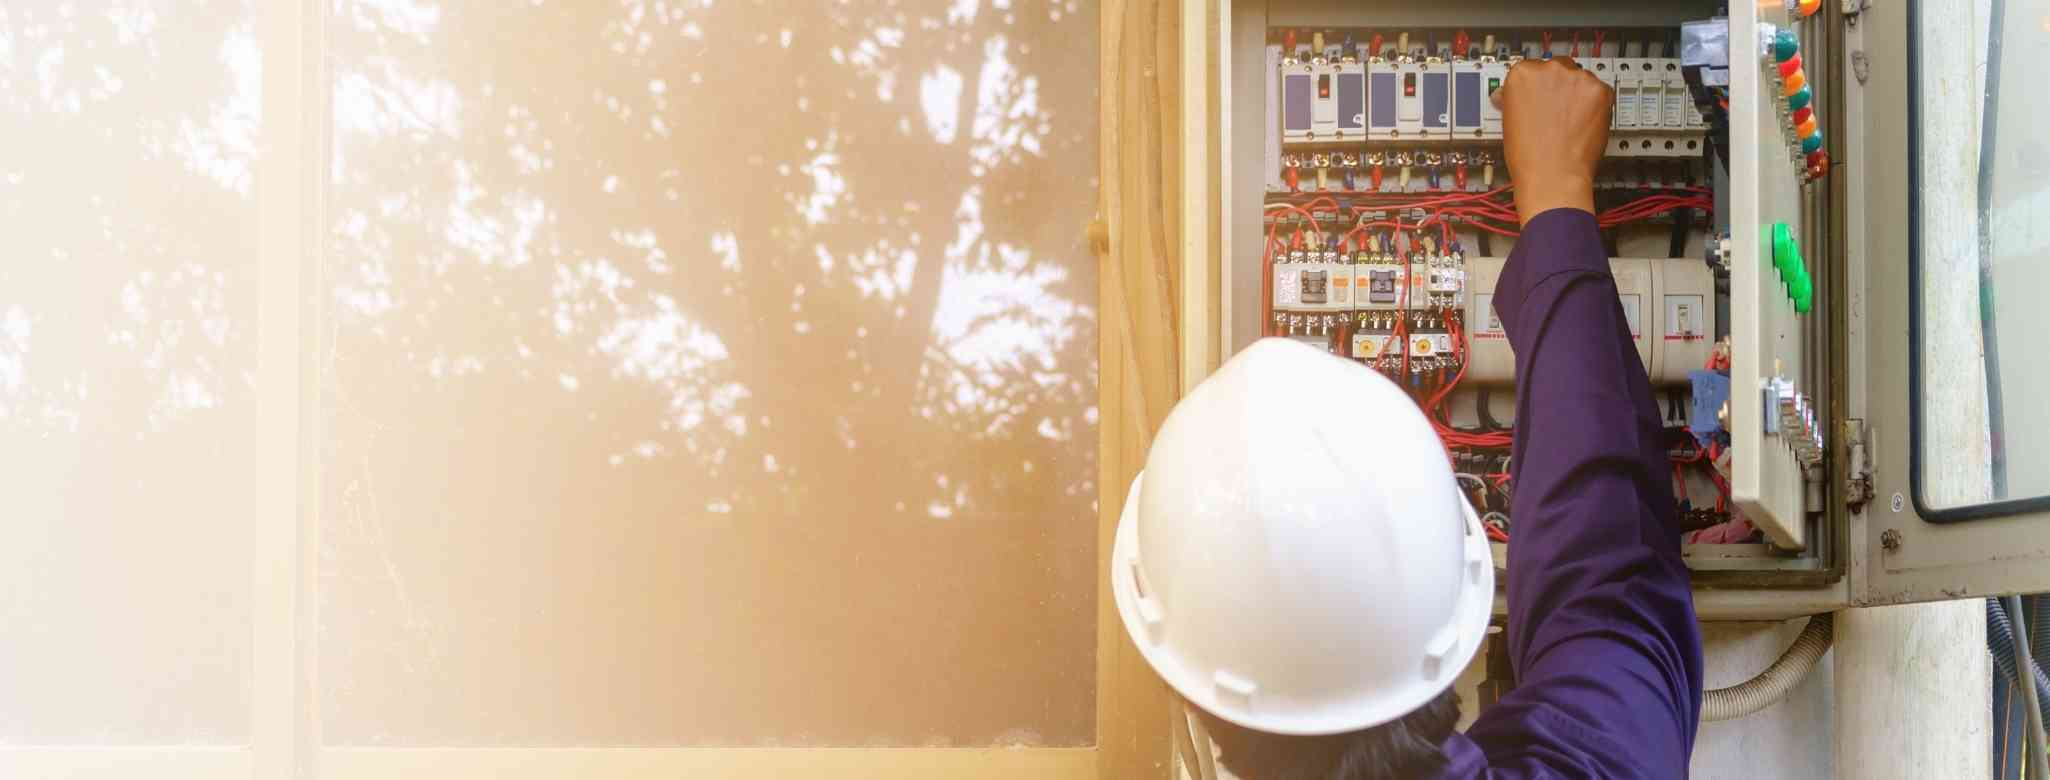 תכנון נקודות חשמל בבית